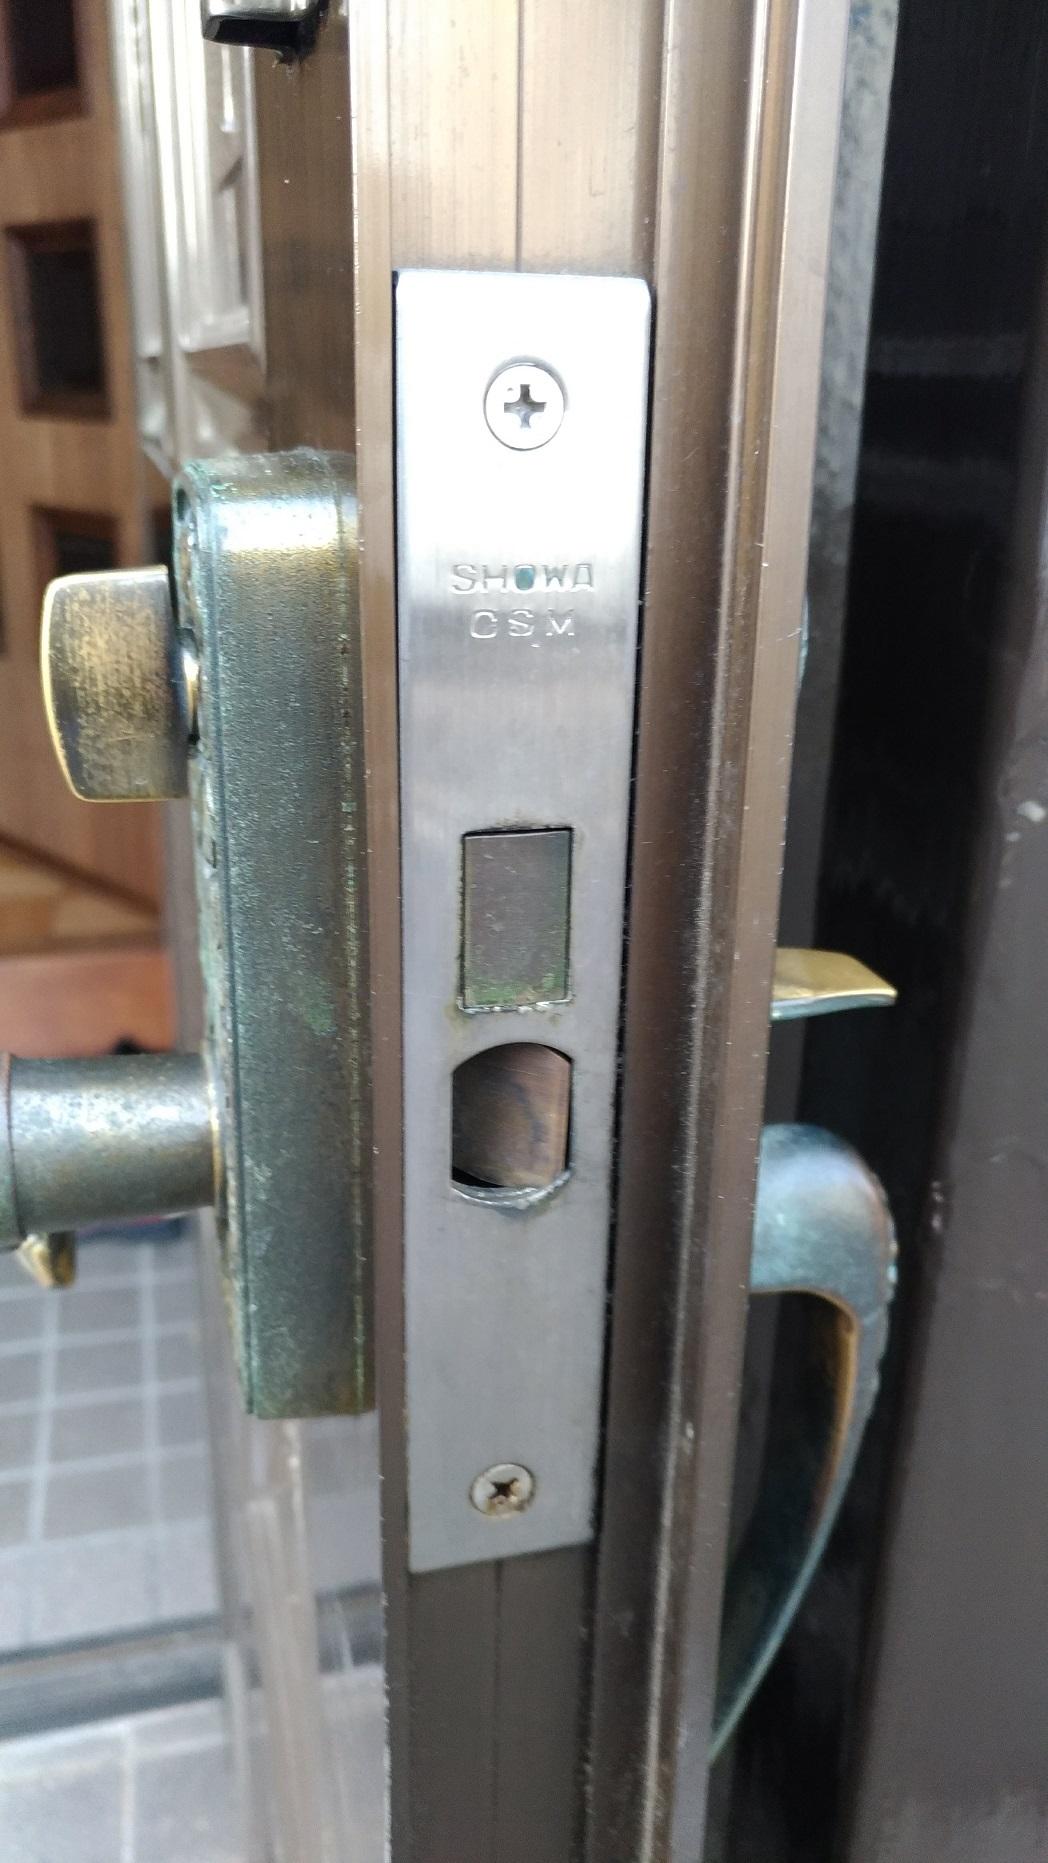 フロント刻印は「SHOWA CSM」常にラッチが引っこんでいる状態です。